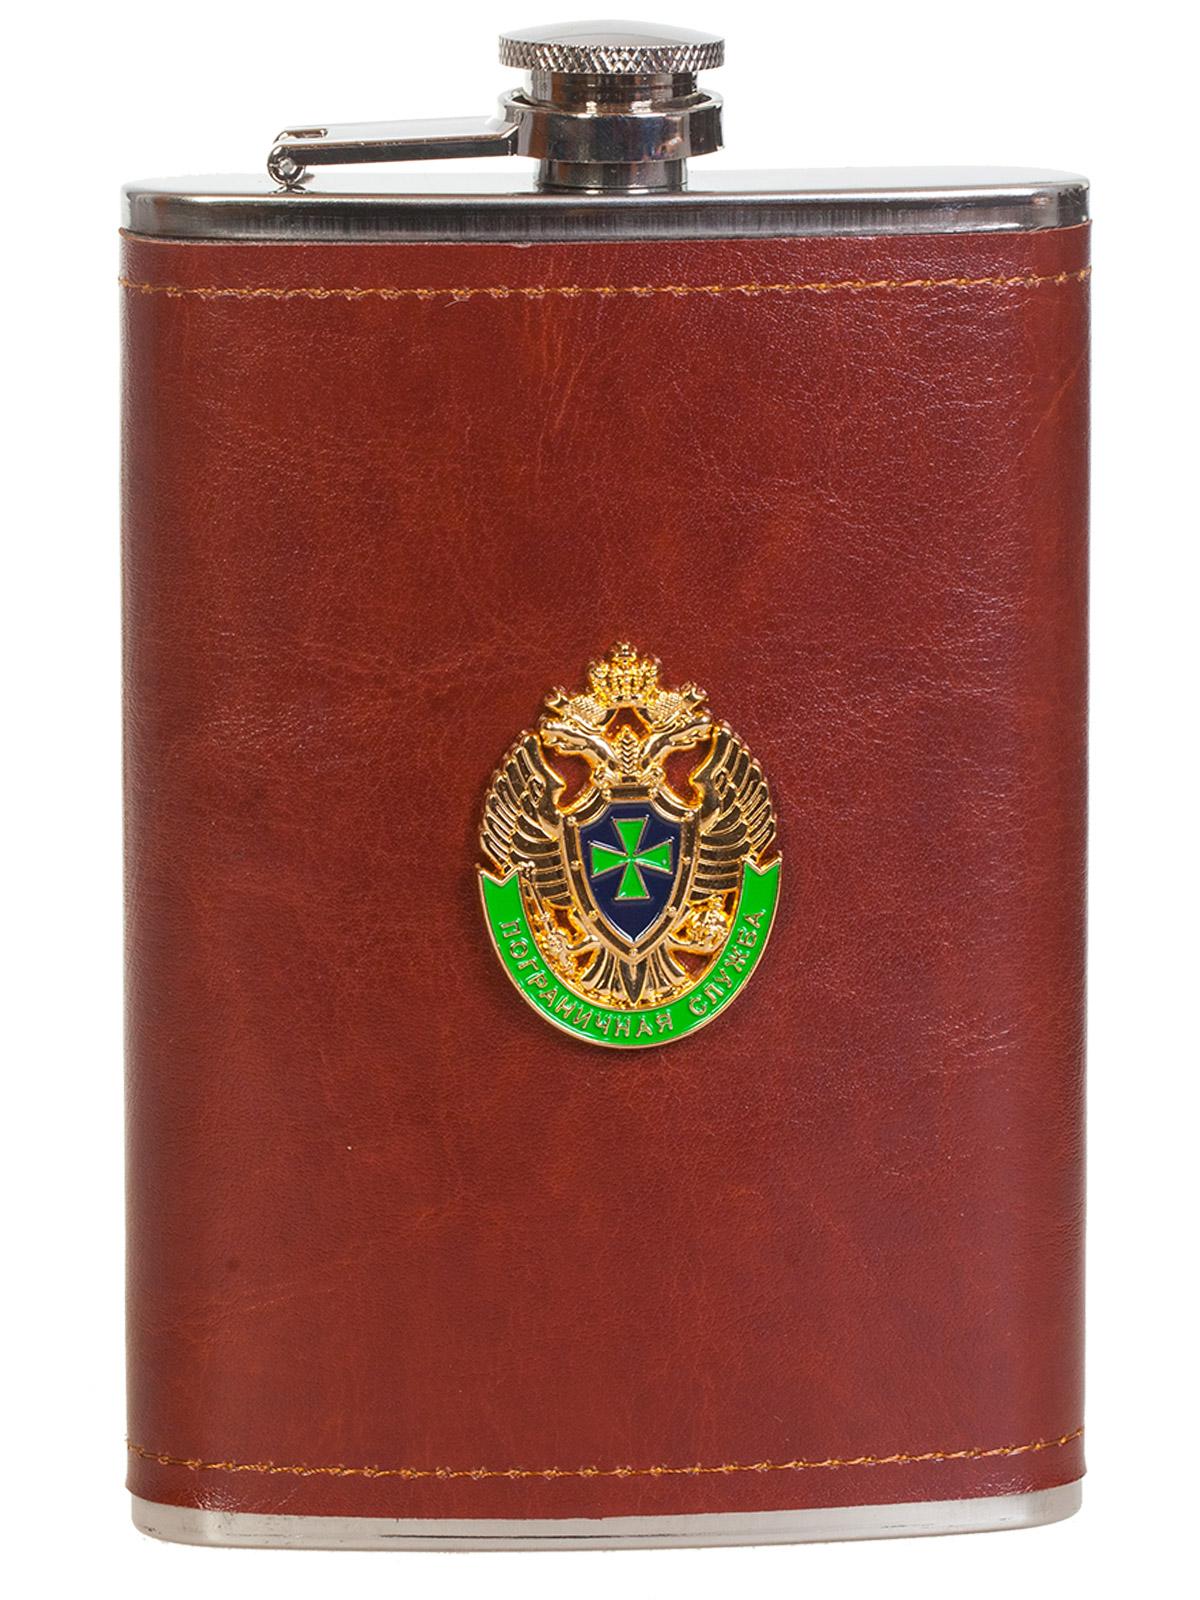 Подарочная фляжка в кожаной оплетке с эмблемой Пограничной Службы